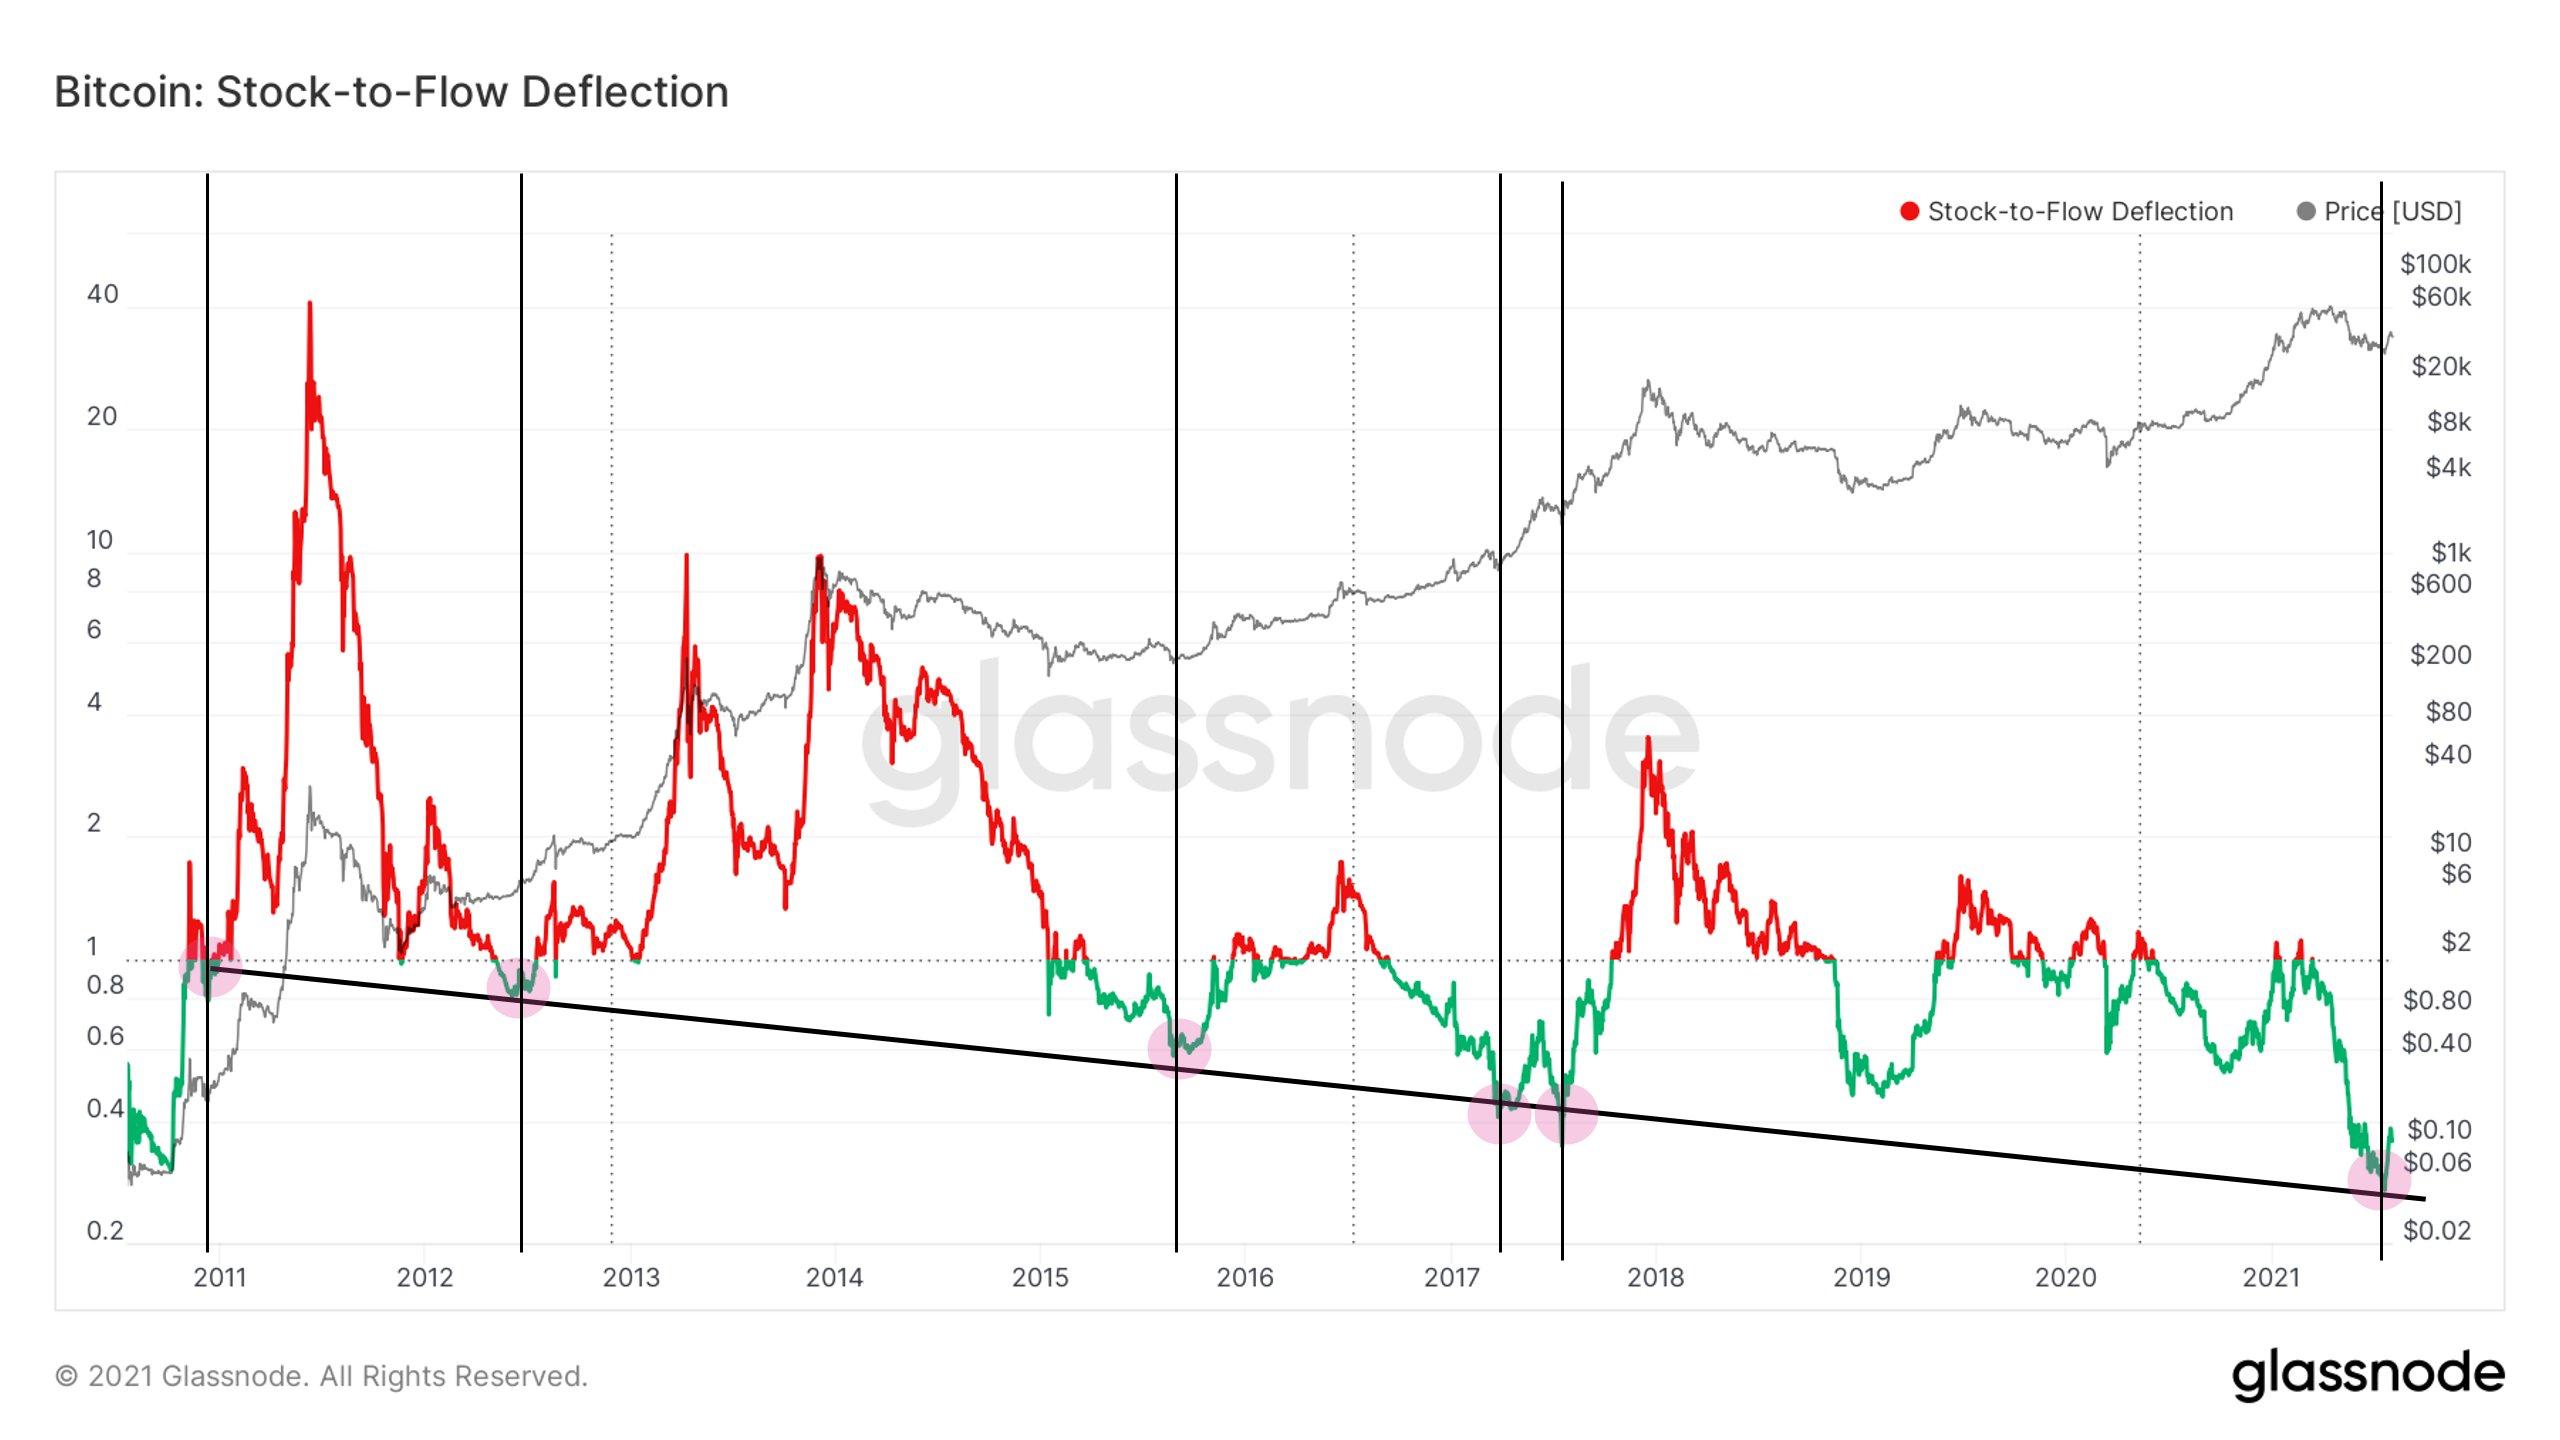 Grafico della deviazione dello stock-to-flow rispetto a BTC/USD